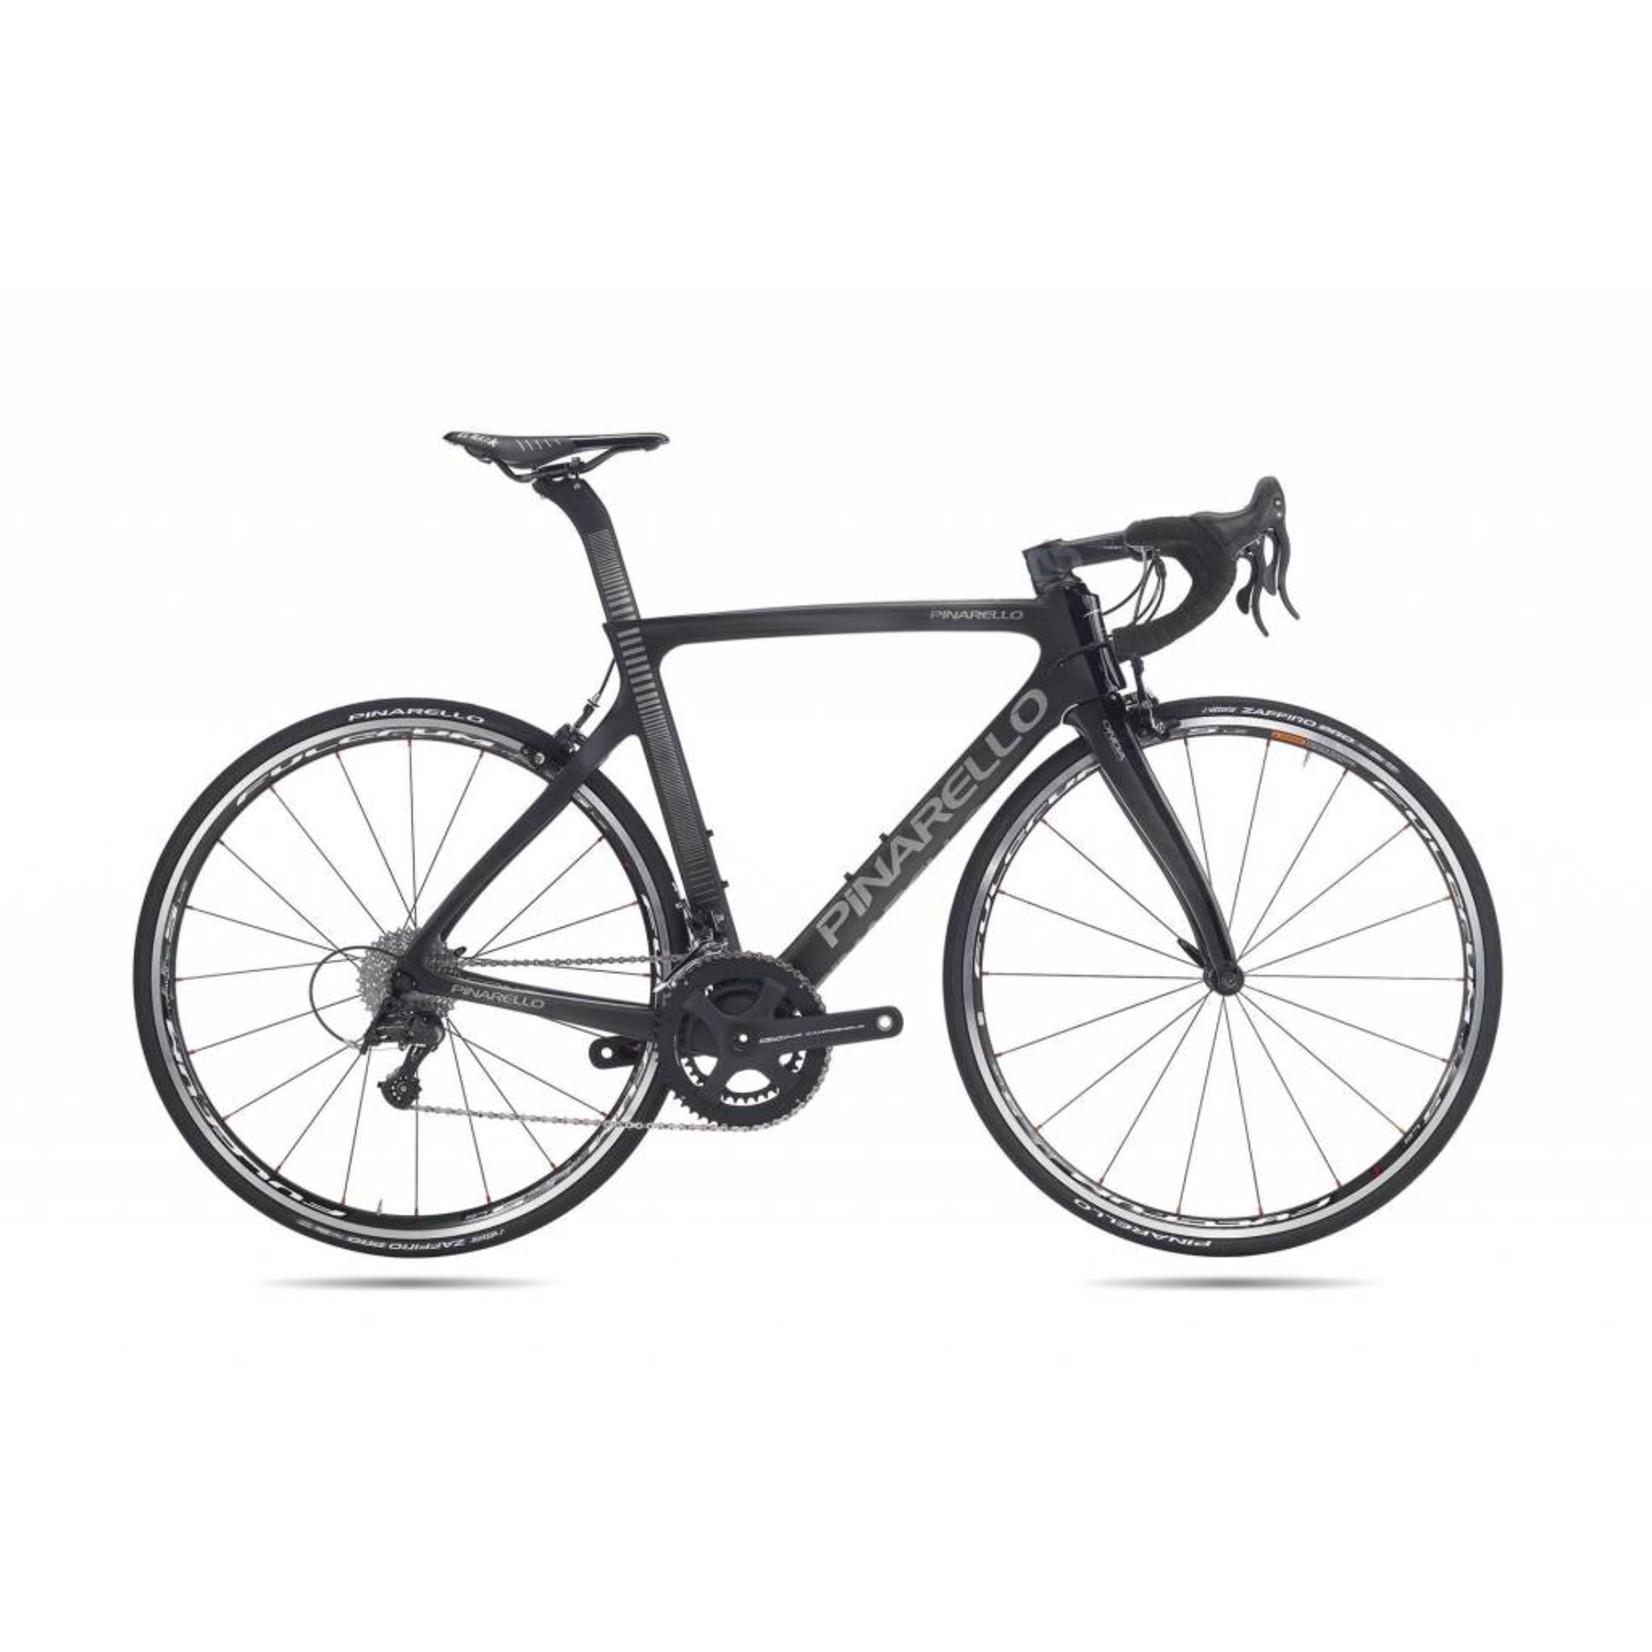 Pinarello Pinarello Gan S Carbon T700 Black FRAME & SEAT ONLY